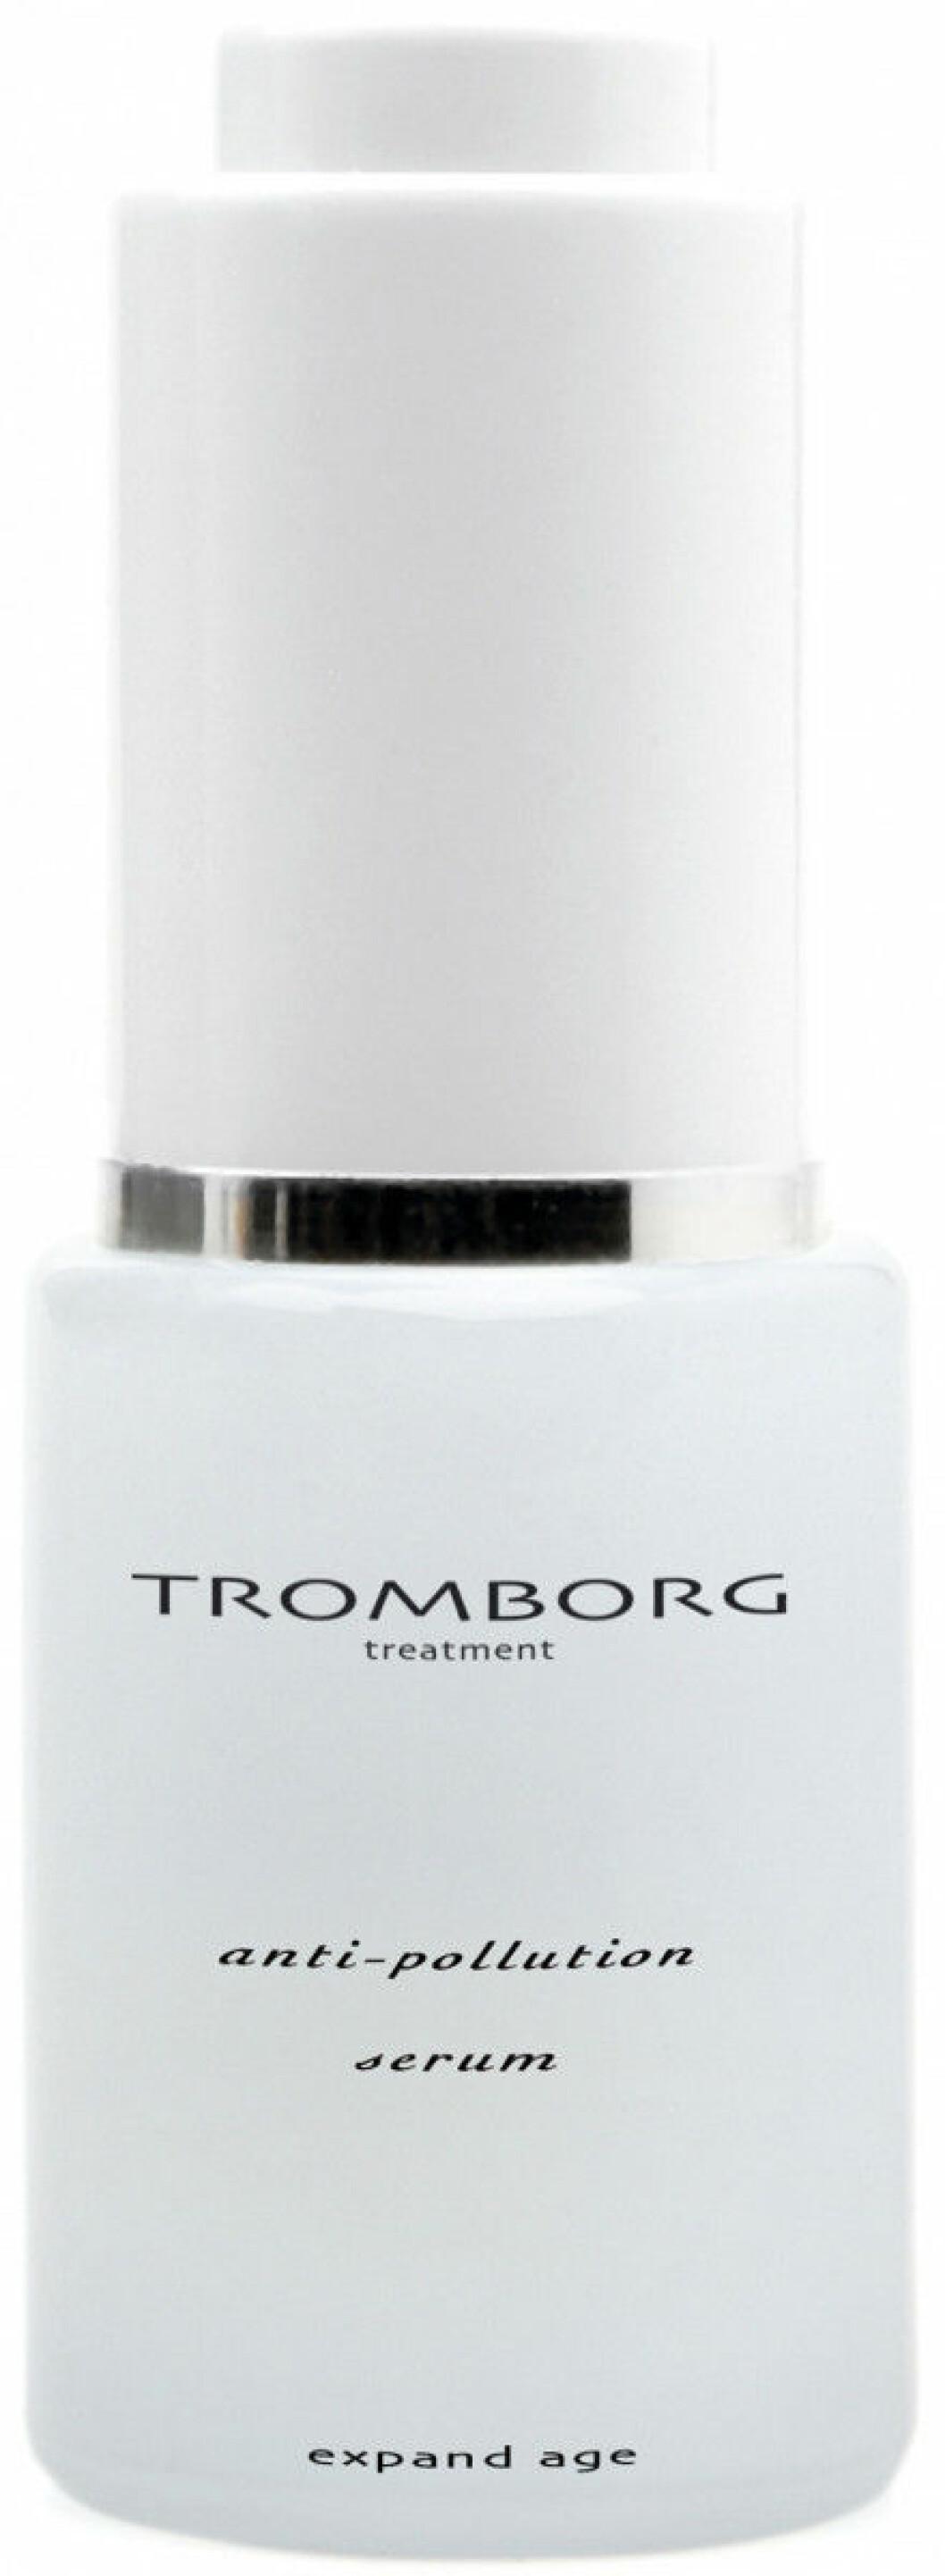 Anti-Pollution-Serum-Tromborg